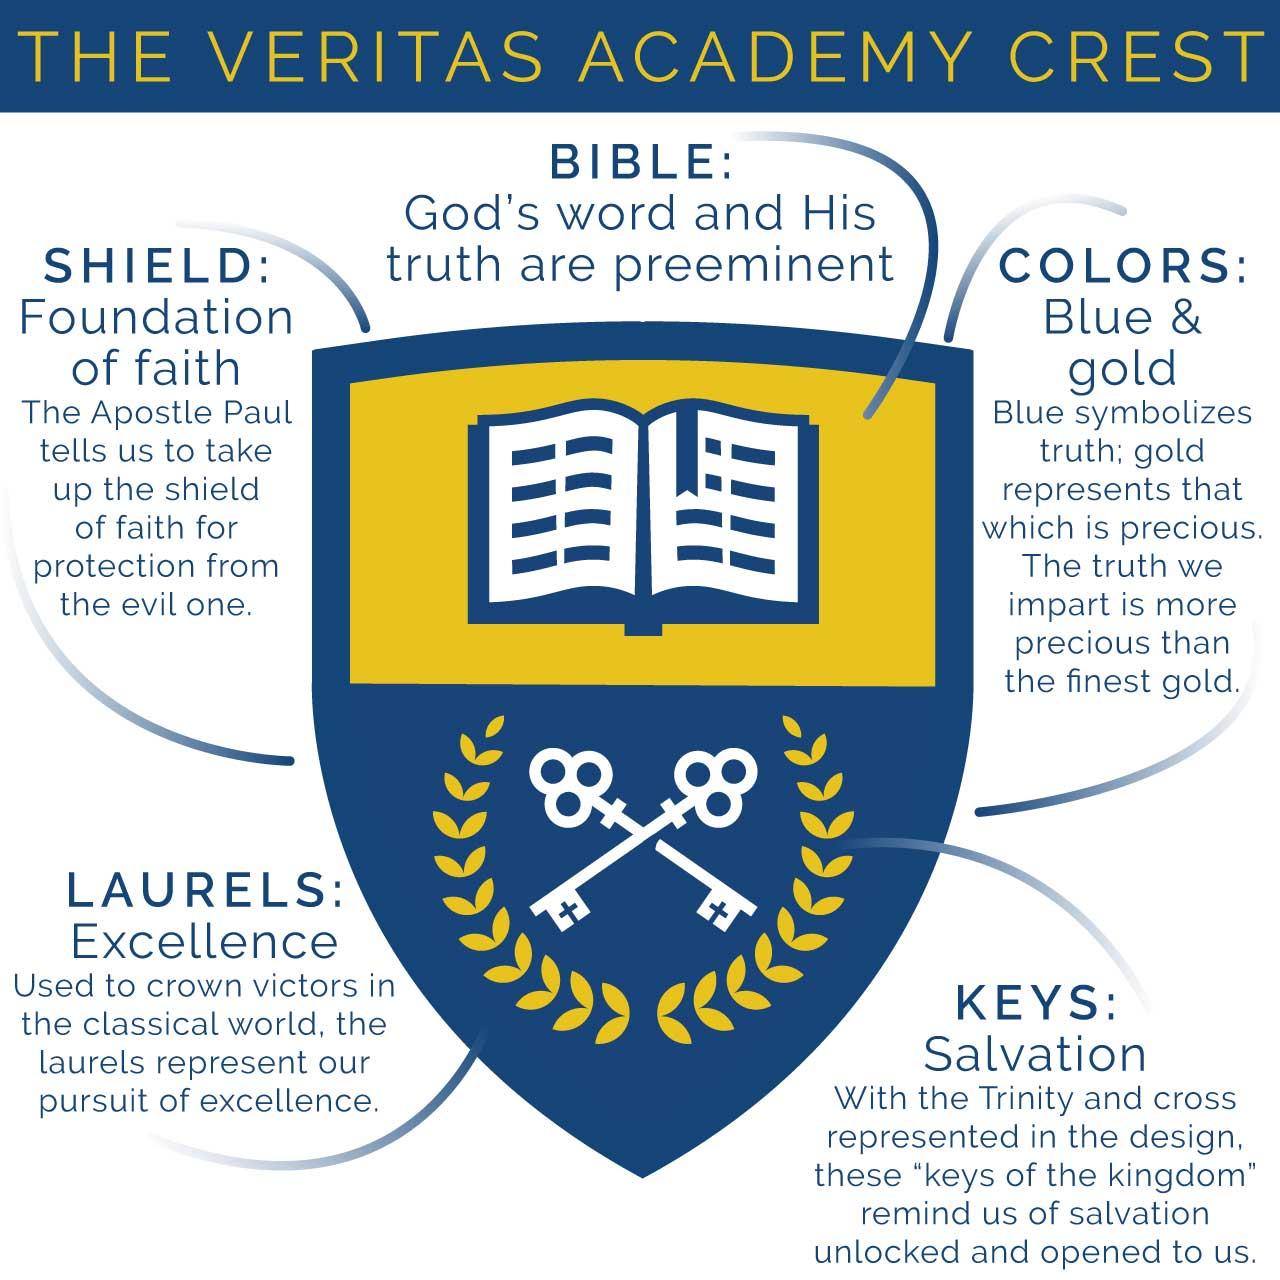 Veritas-Crest-2021-elements-explain